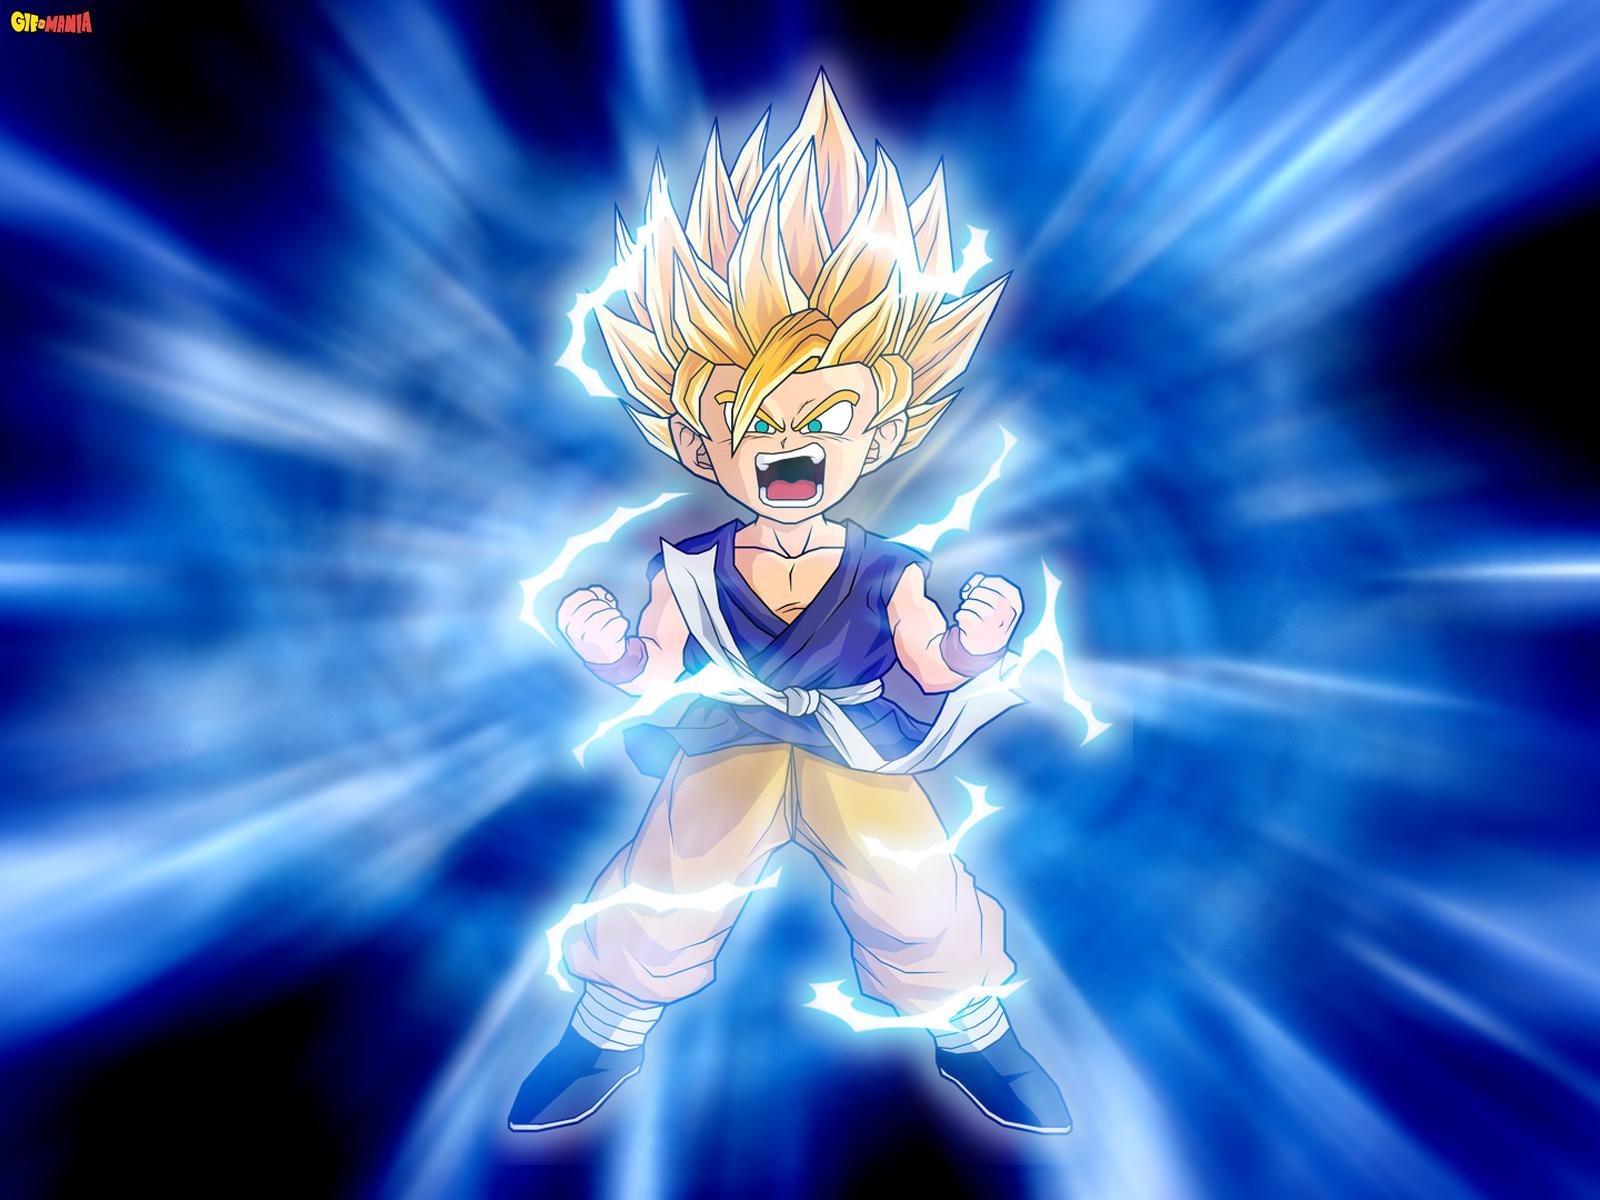 Goku Gt Wallpaper 1600x1200